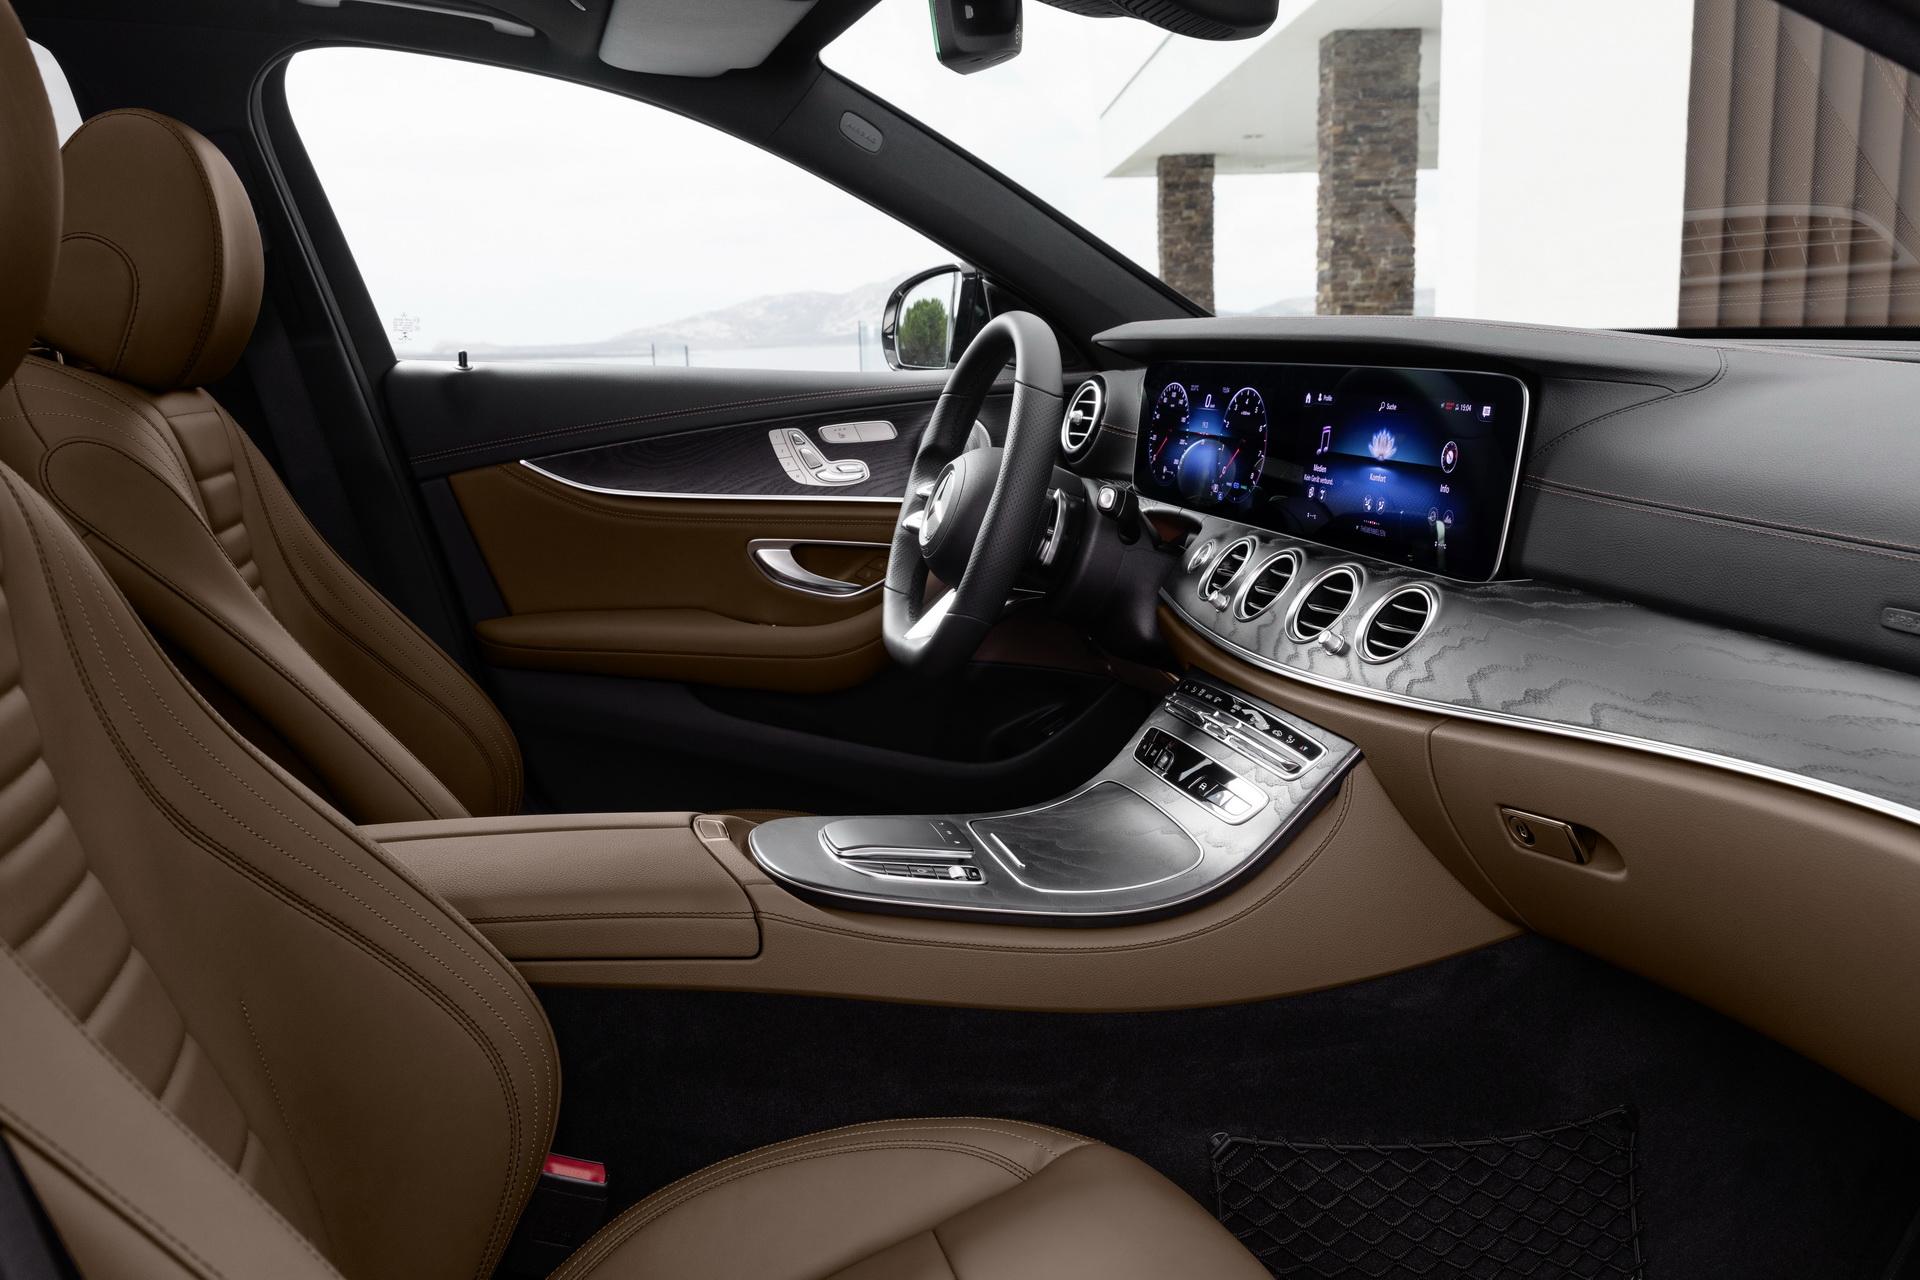 2020-mercedes-benz-e-class-facelift-30.jpg